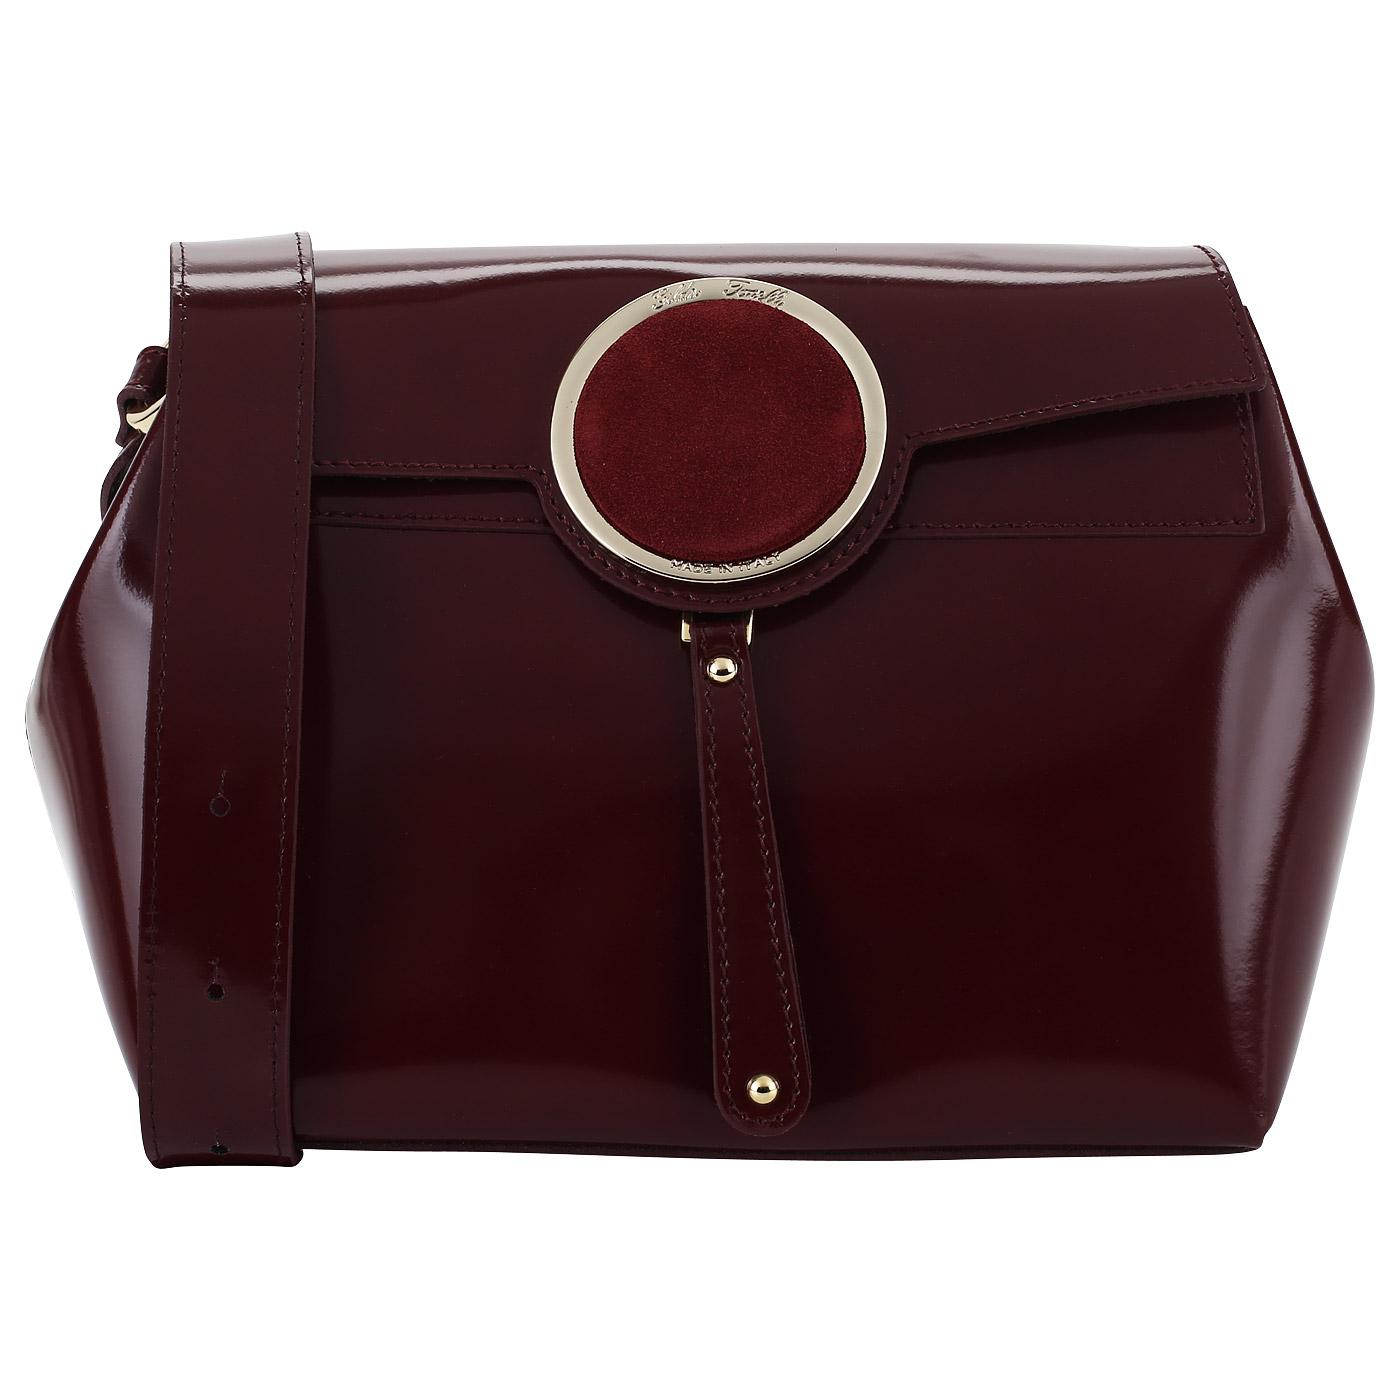 bda9308cc17a Бордовая сумка Gilda Tonelli Pad Eco Бордовая сумка Gilda Tonelli Pad Eco  ...